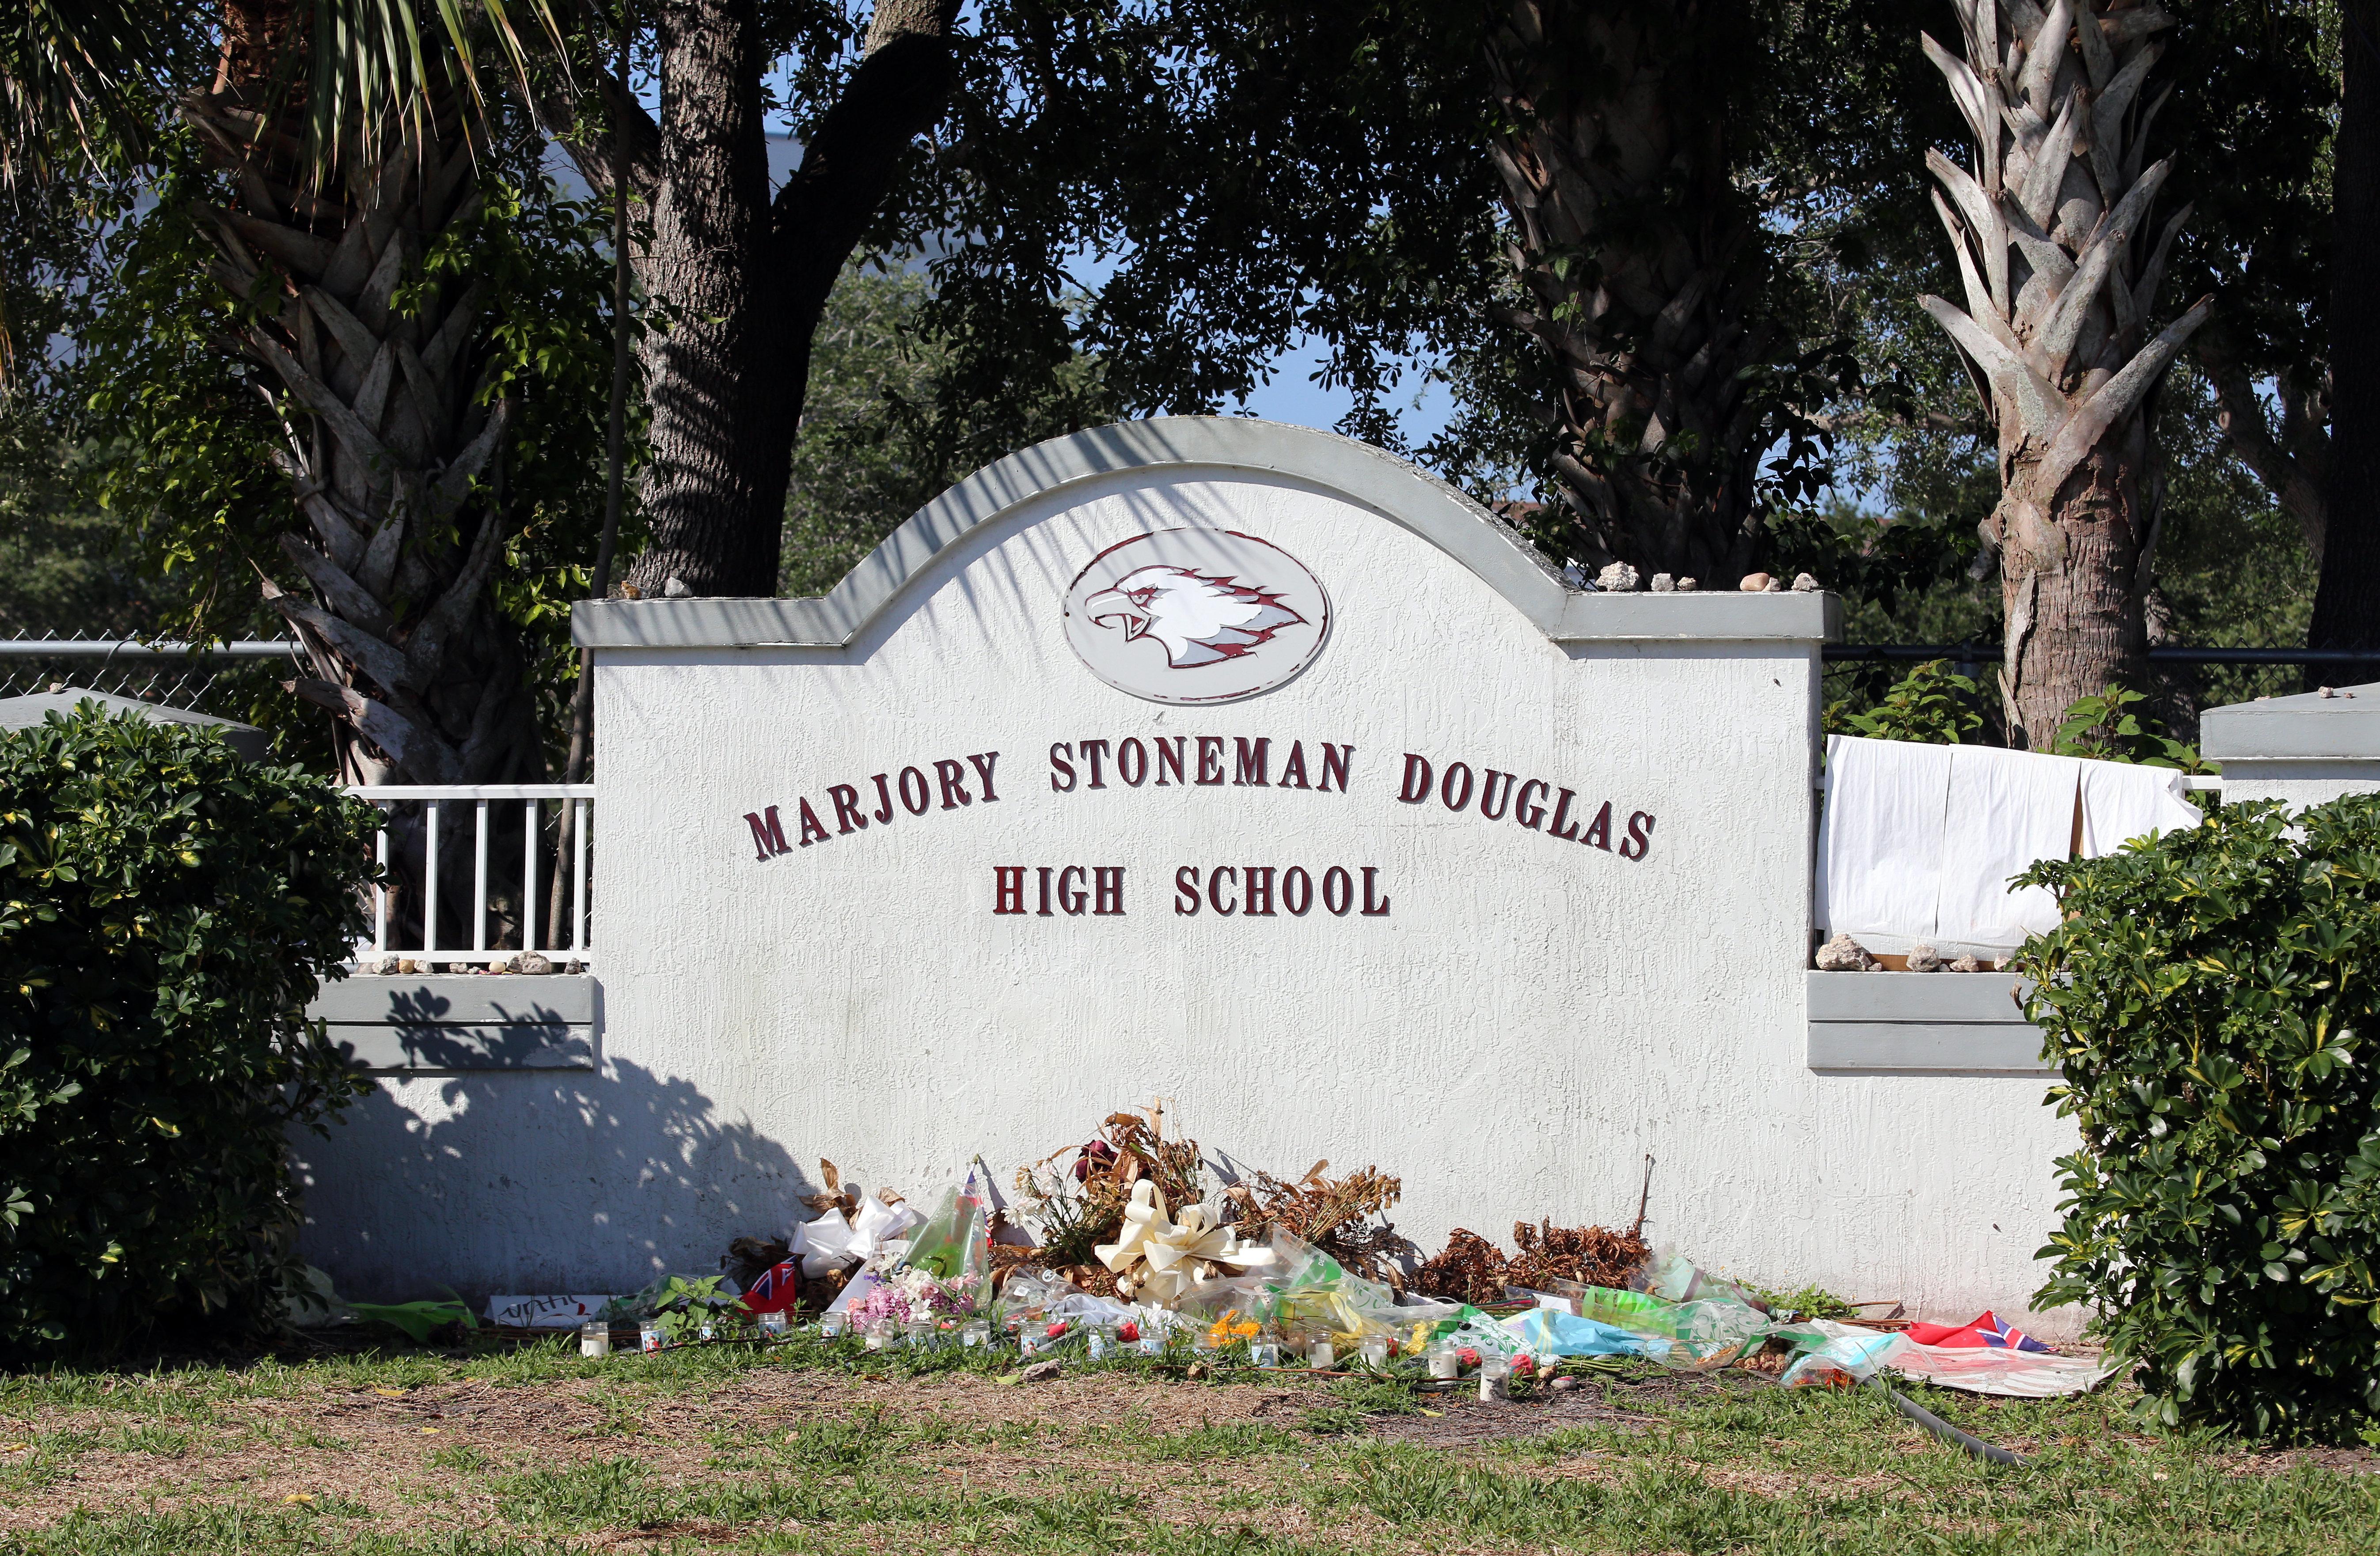 銃乱射事件が起きたフロリダ州の高校、2人目の自殺者か。地元危機管理室はメンタルケアを呼びかけ